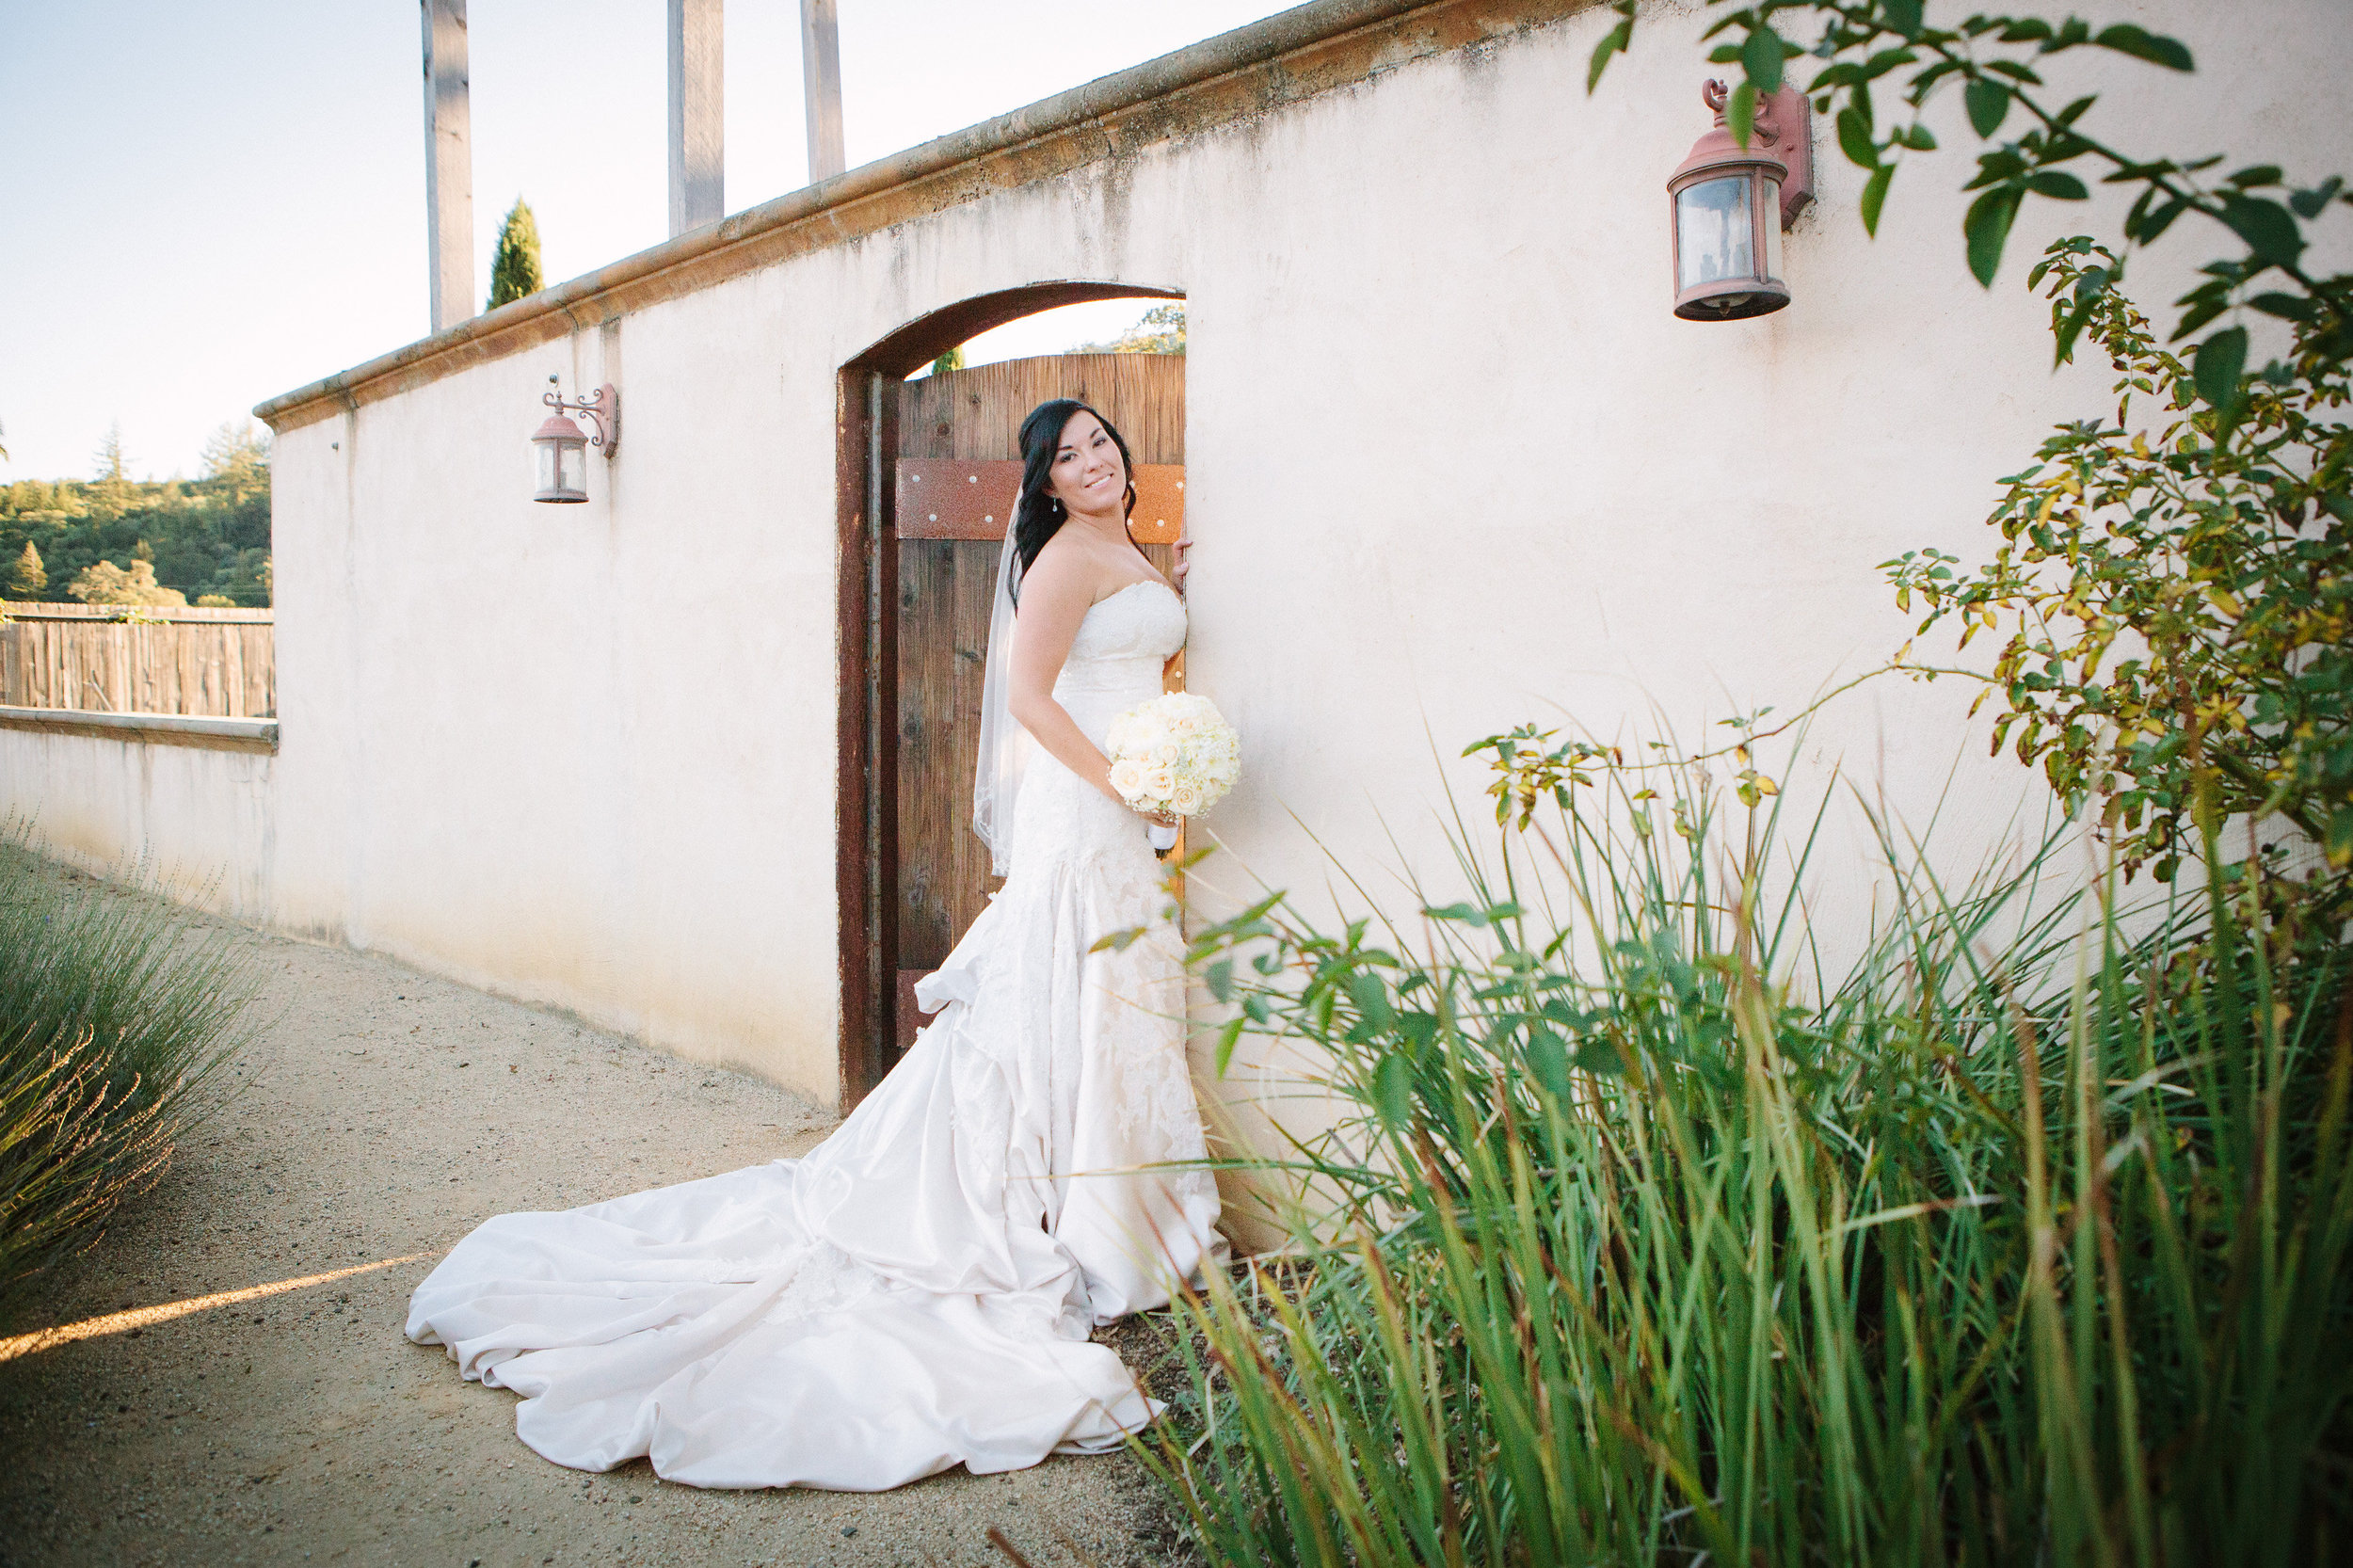 ford-wedding-1377 copy 2.jpg